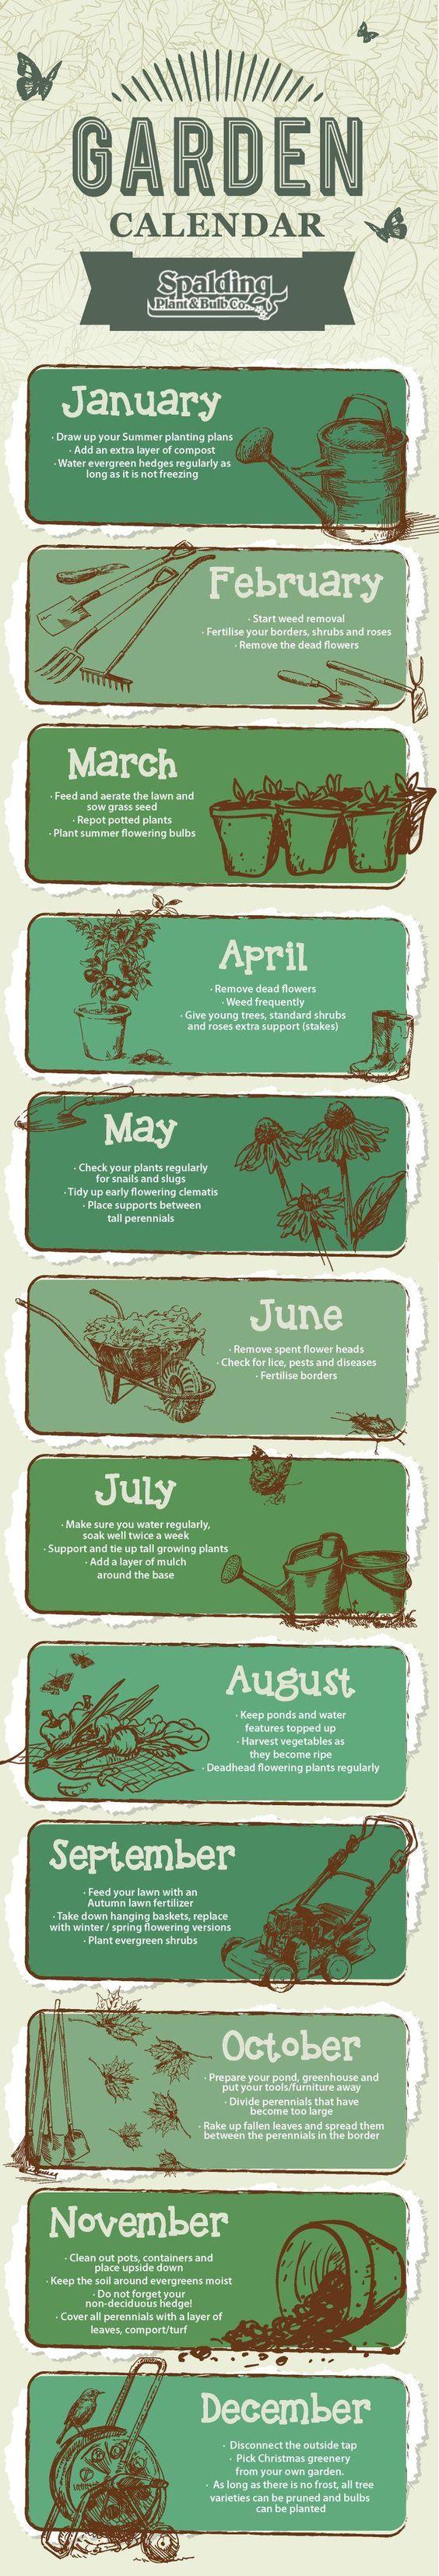 Garden Calendar (Infographic)